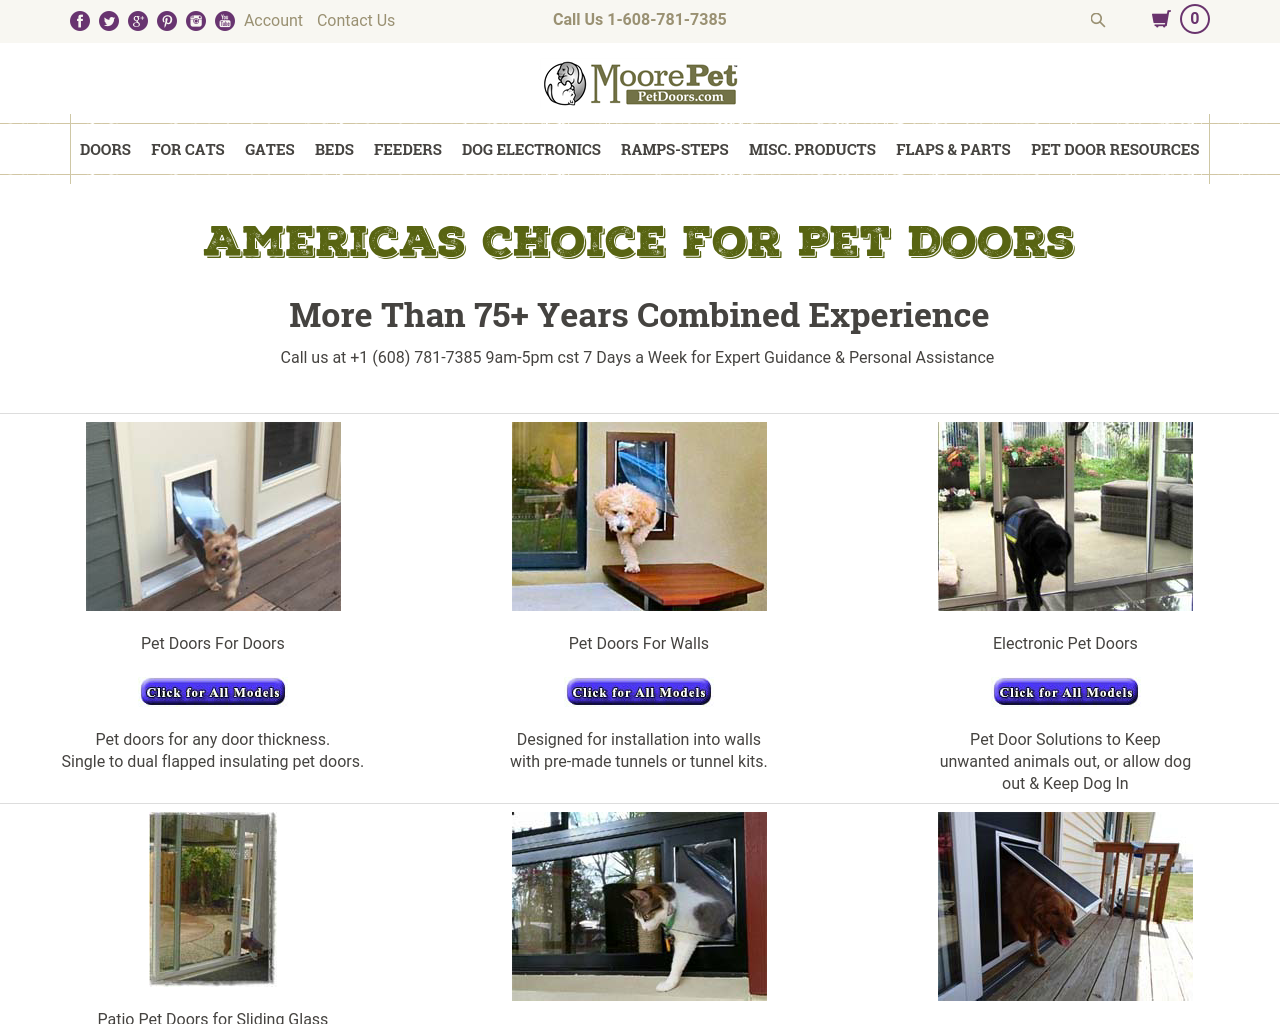 Moorepet-petdoors-Advertising-Reviews-Pricing